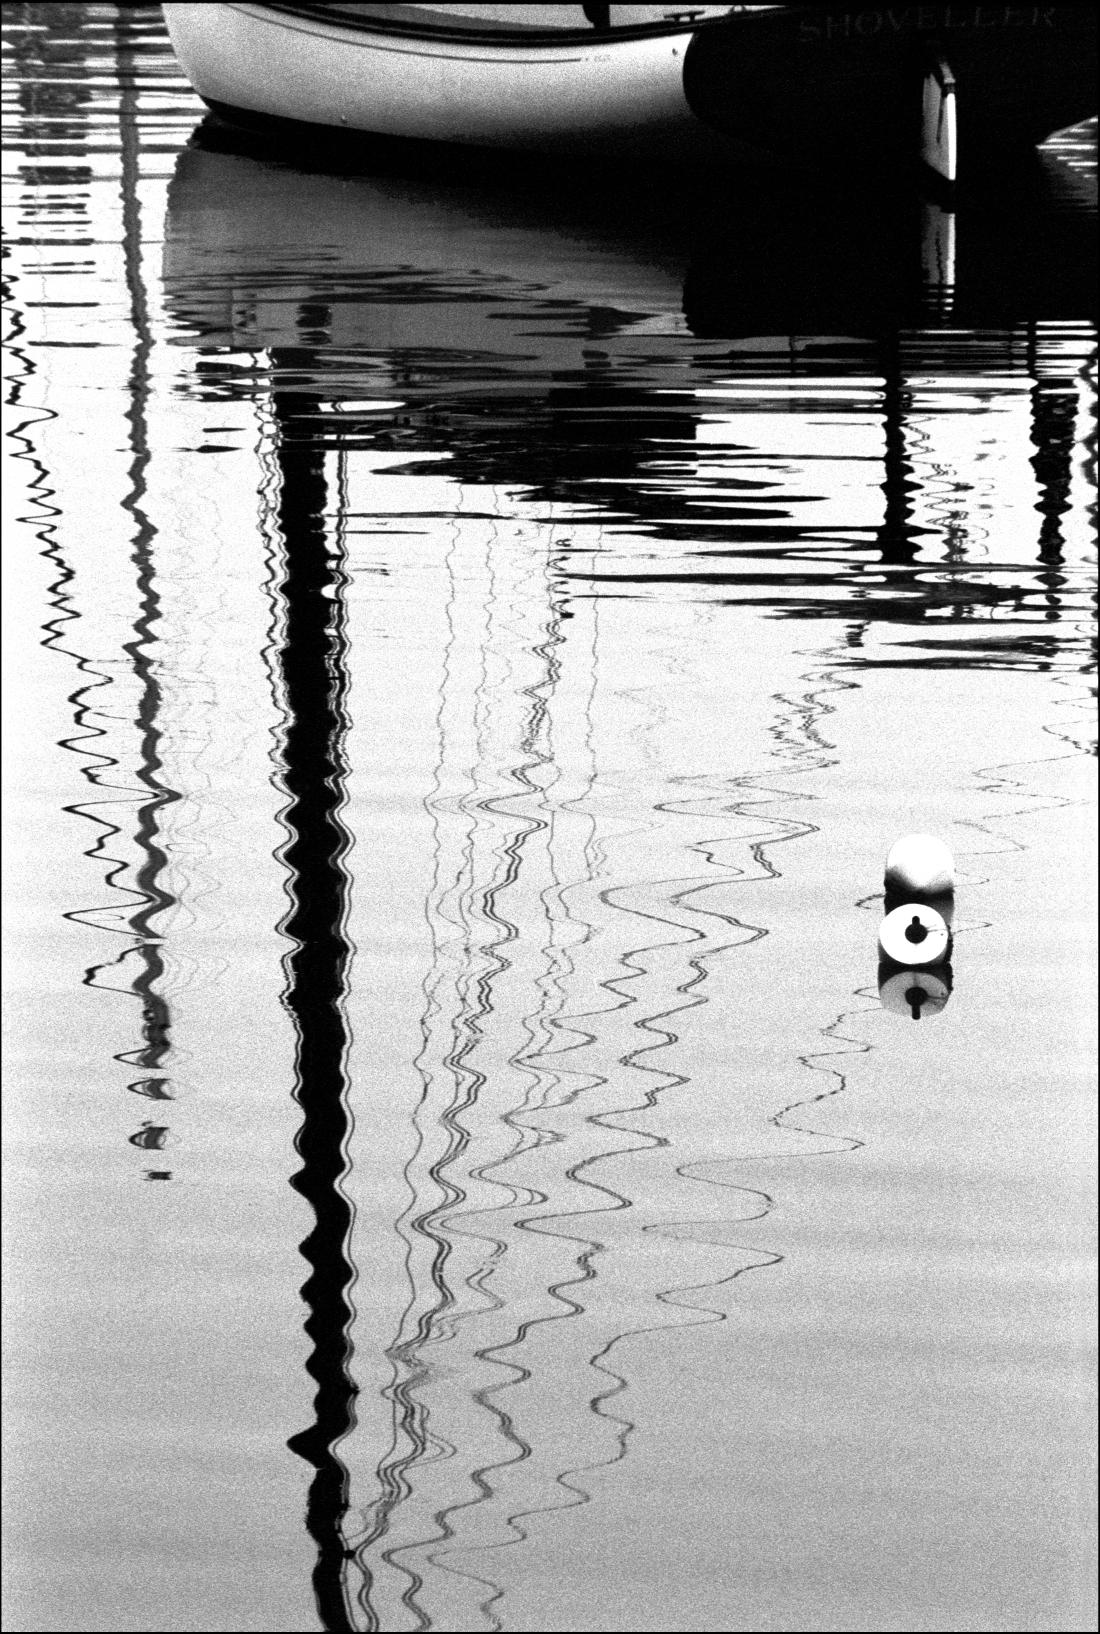 Catboat Reflection